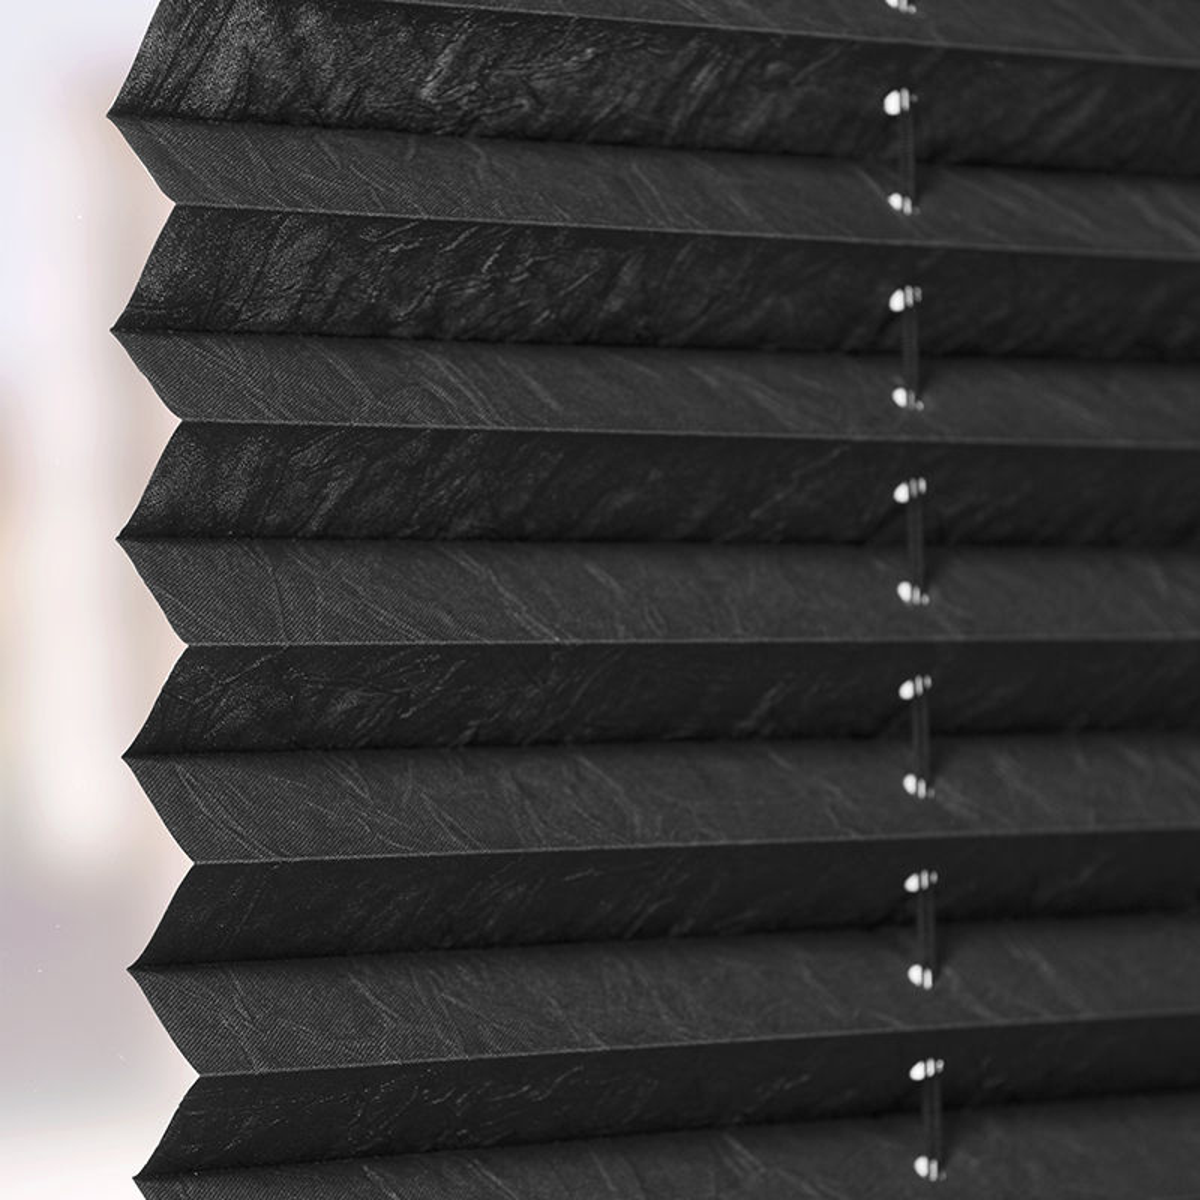 Plisségordijn gespannen - Lichtdoorlatend - Raven Grey - 110cm x 130cm